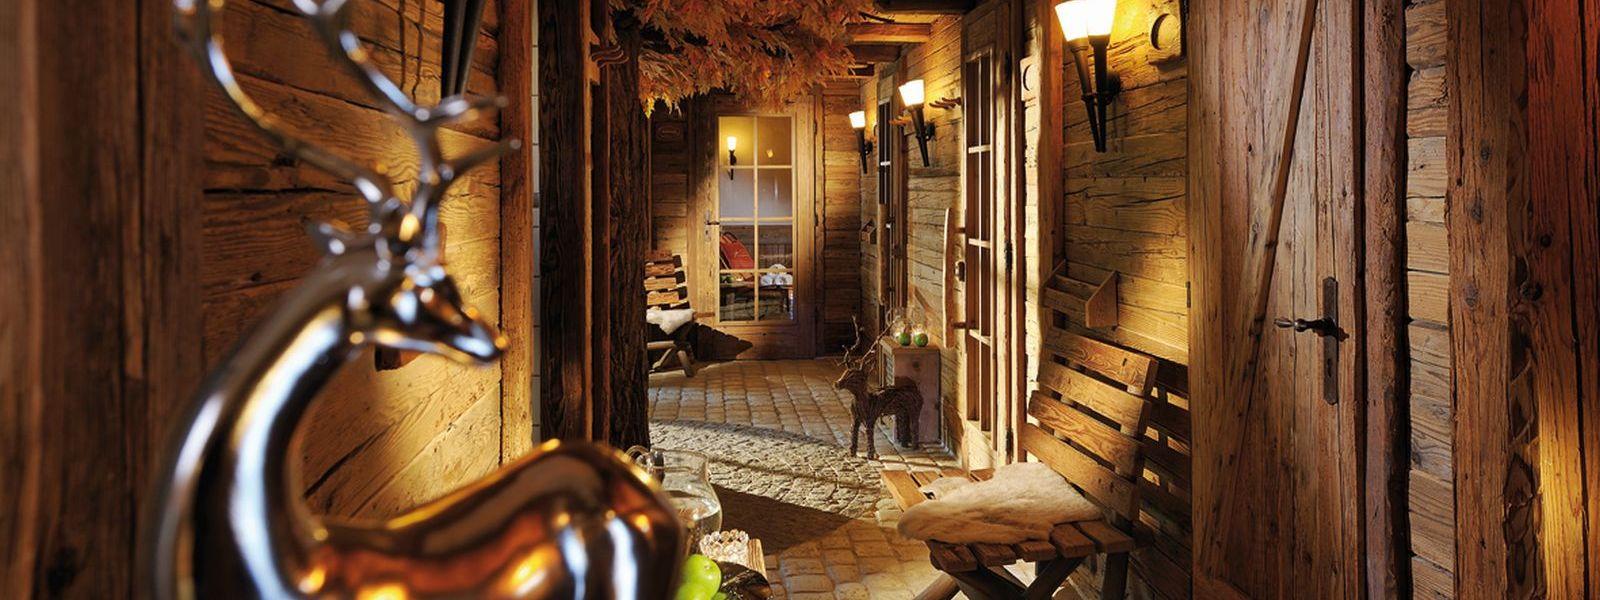 Blick in das Saunadorf vom Hotel Knippschild